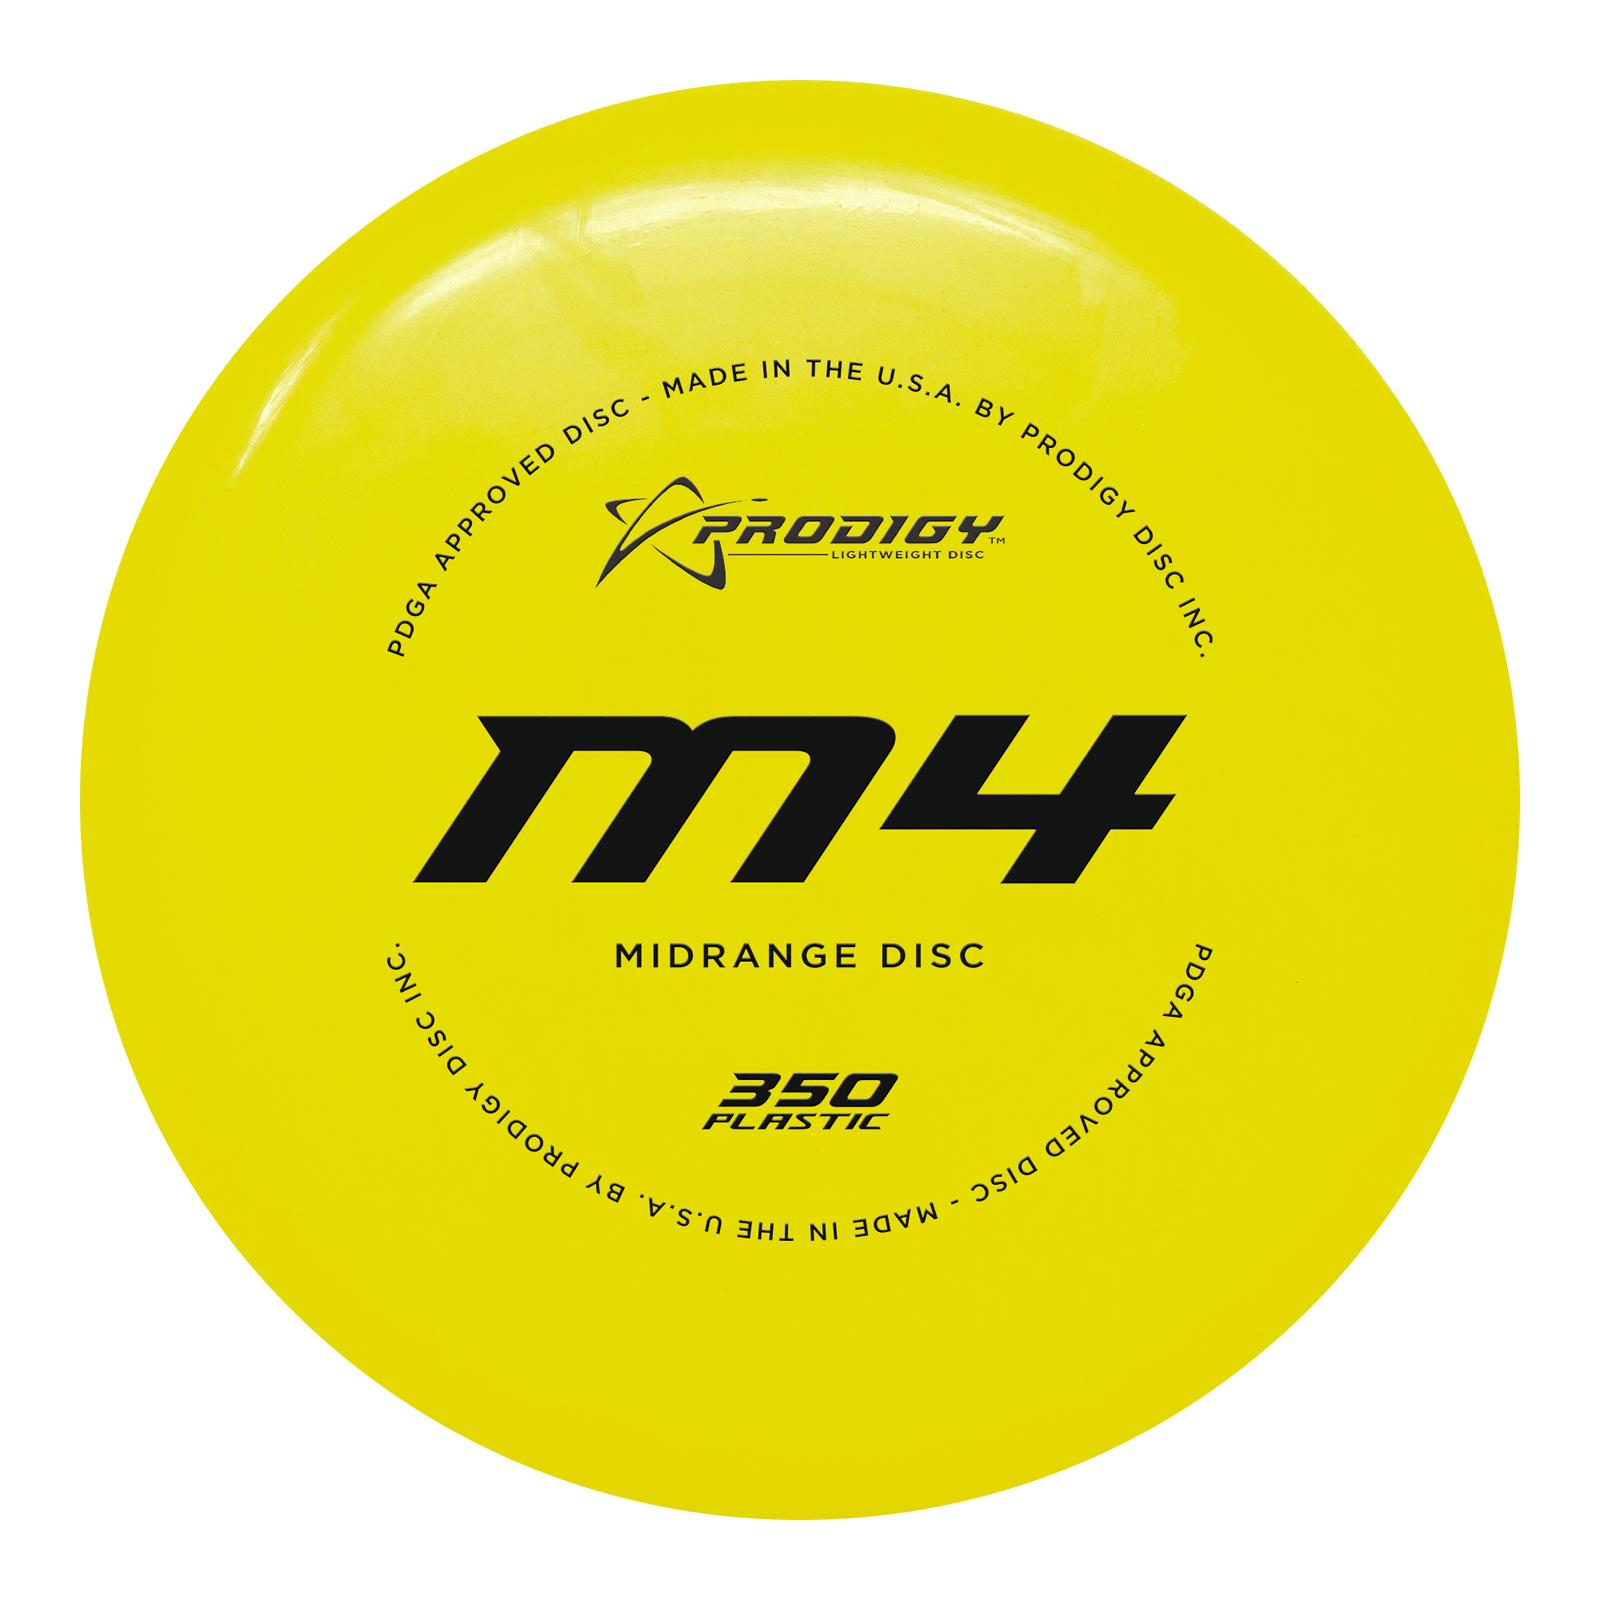 M4 - 350 PLASTIC